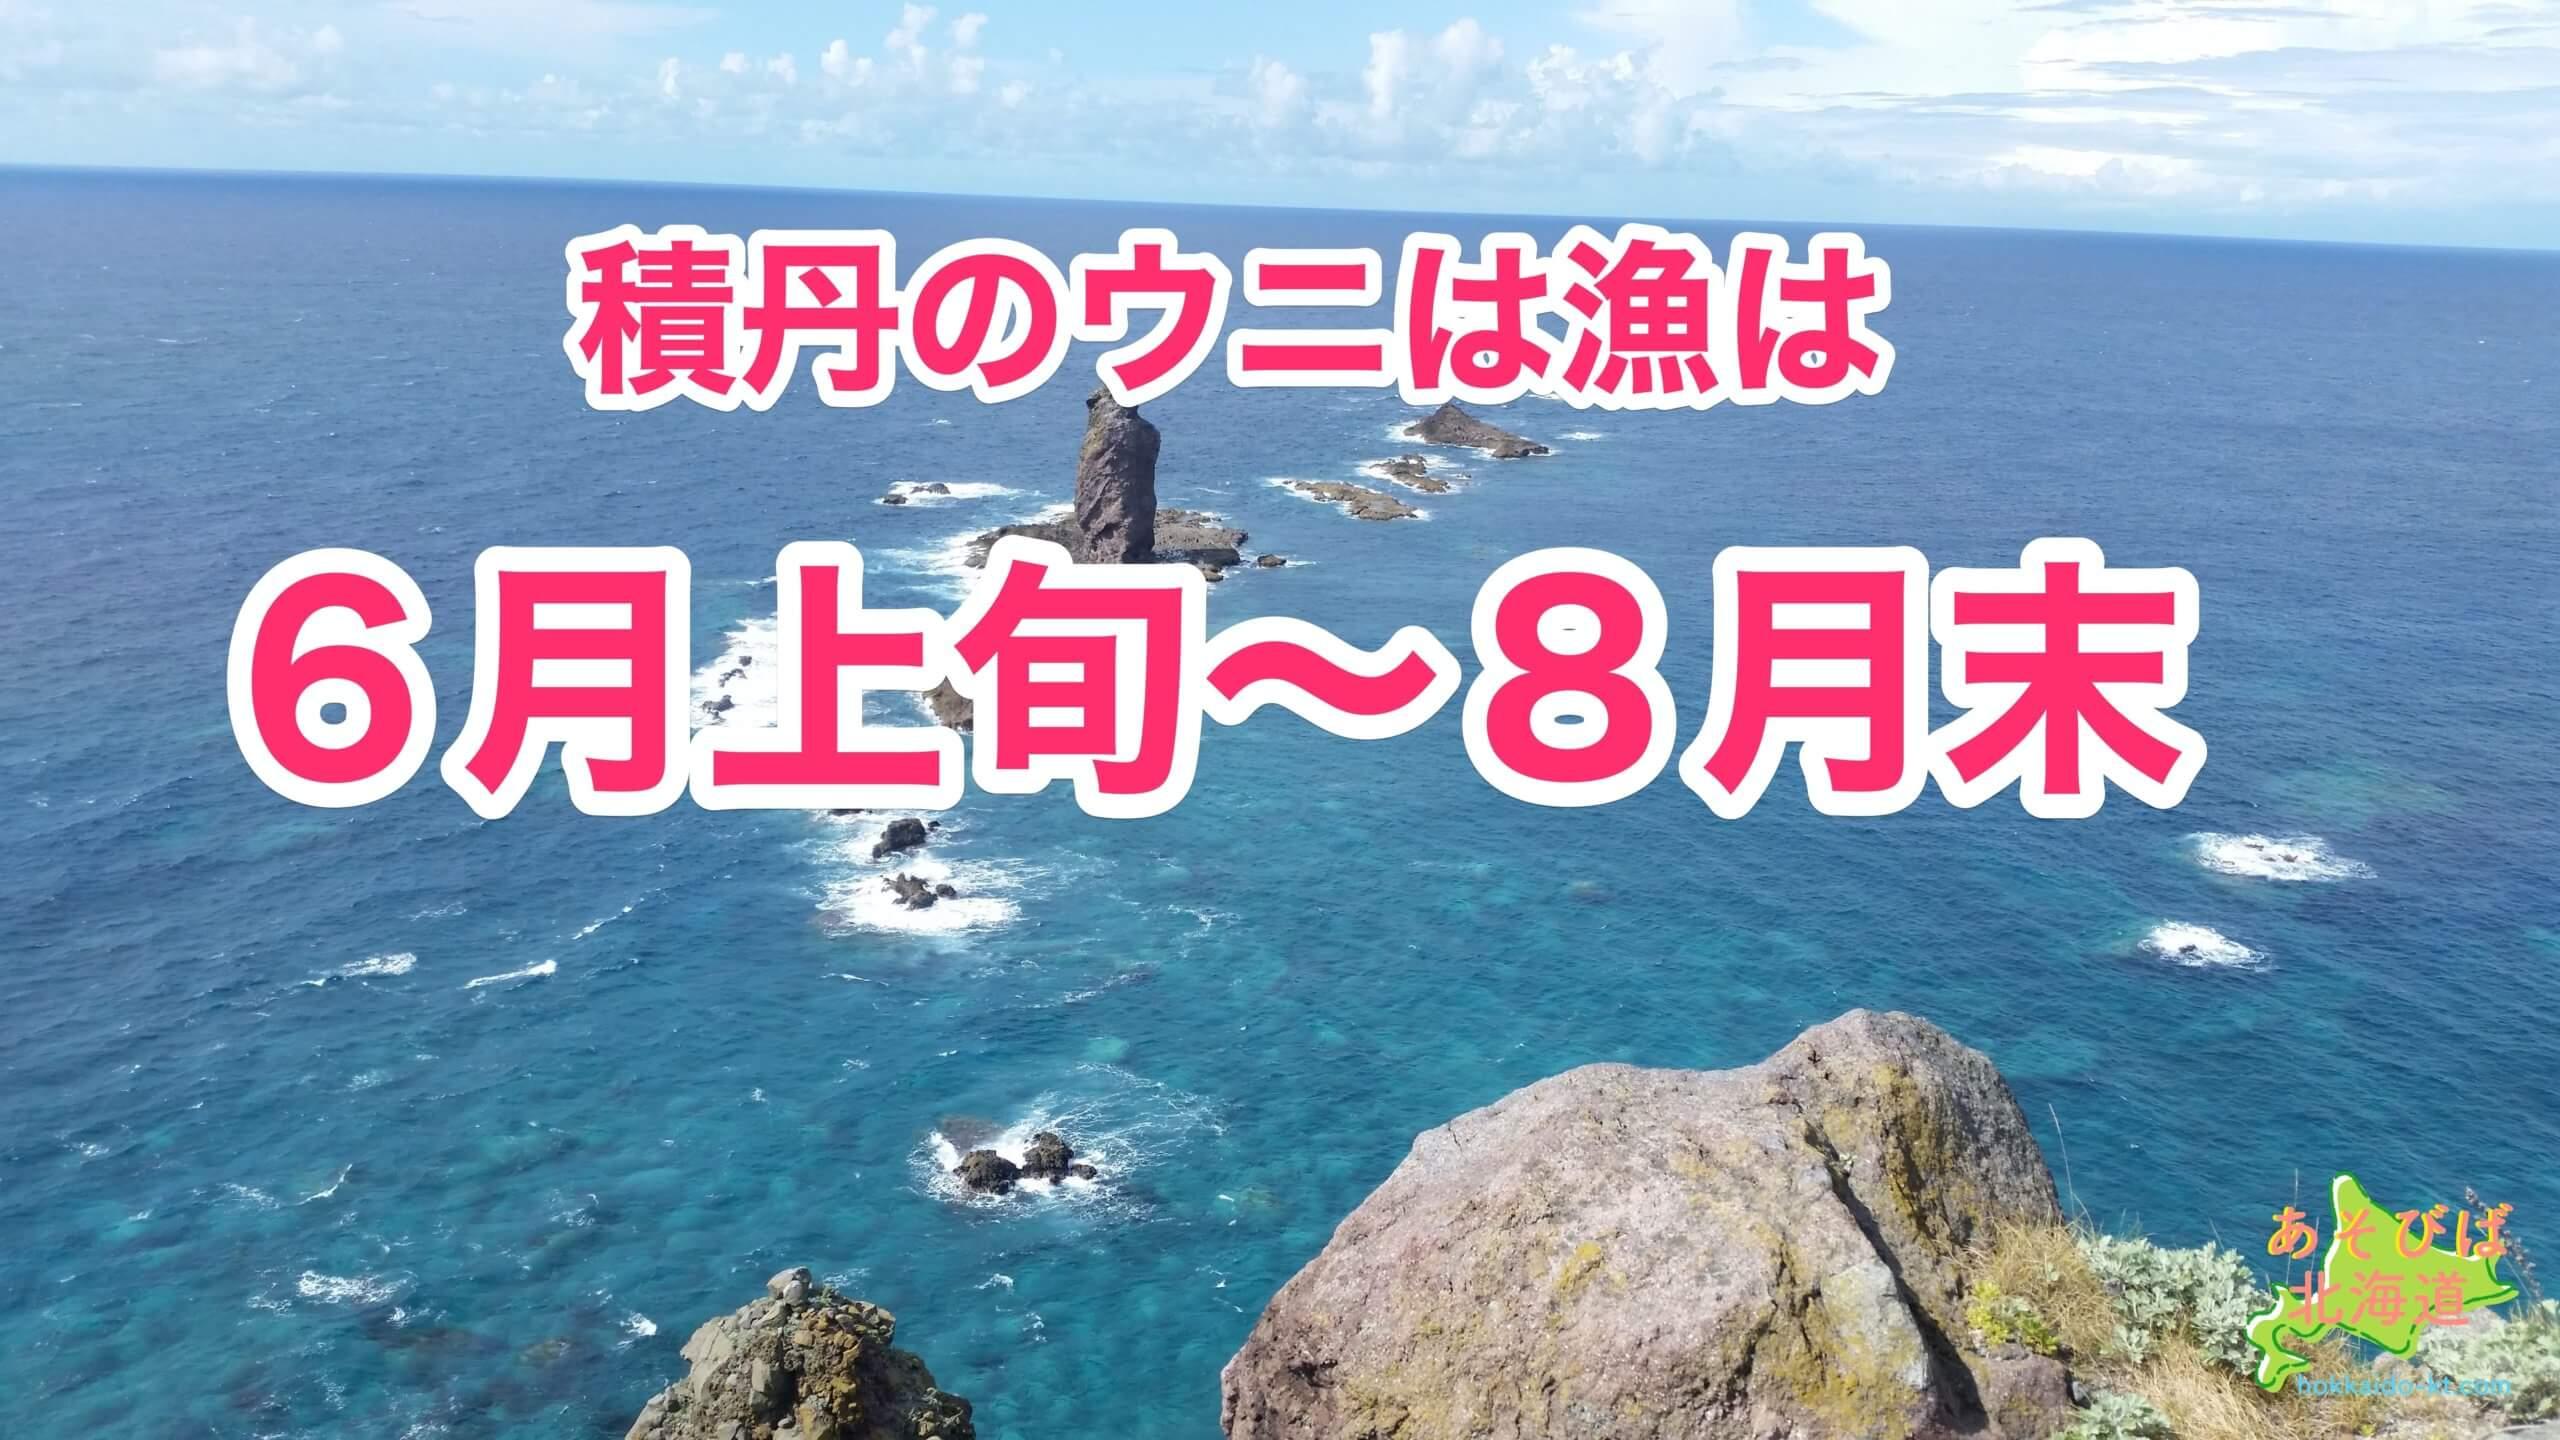 積丹のウニ漁は6月上旬~8月末